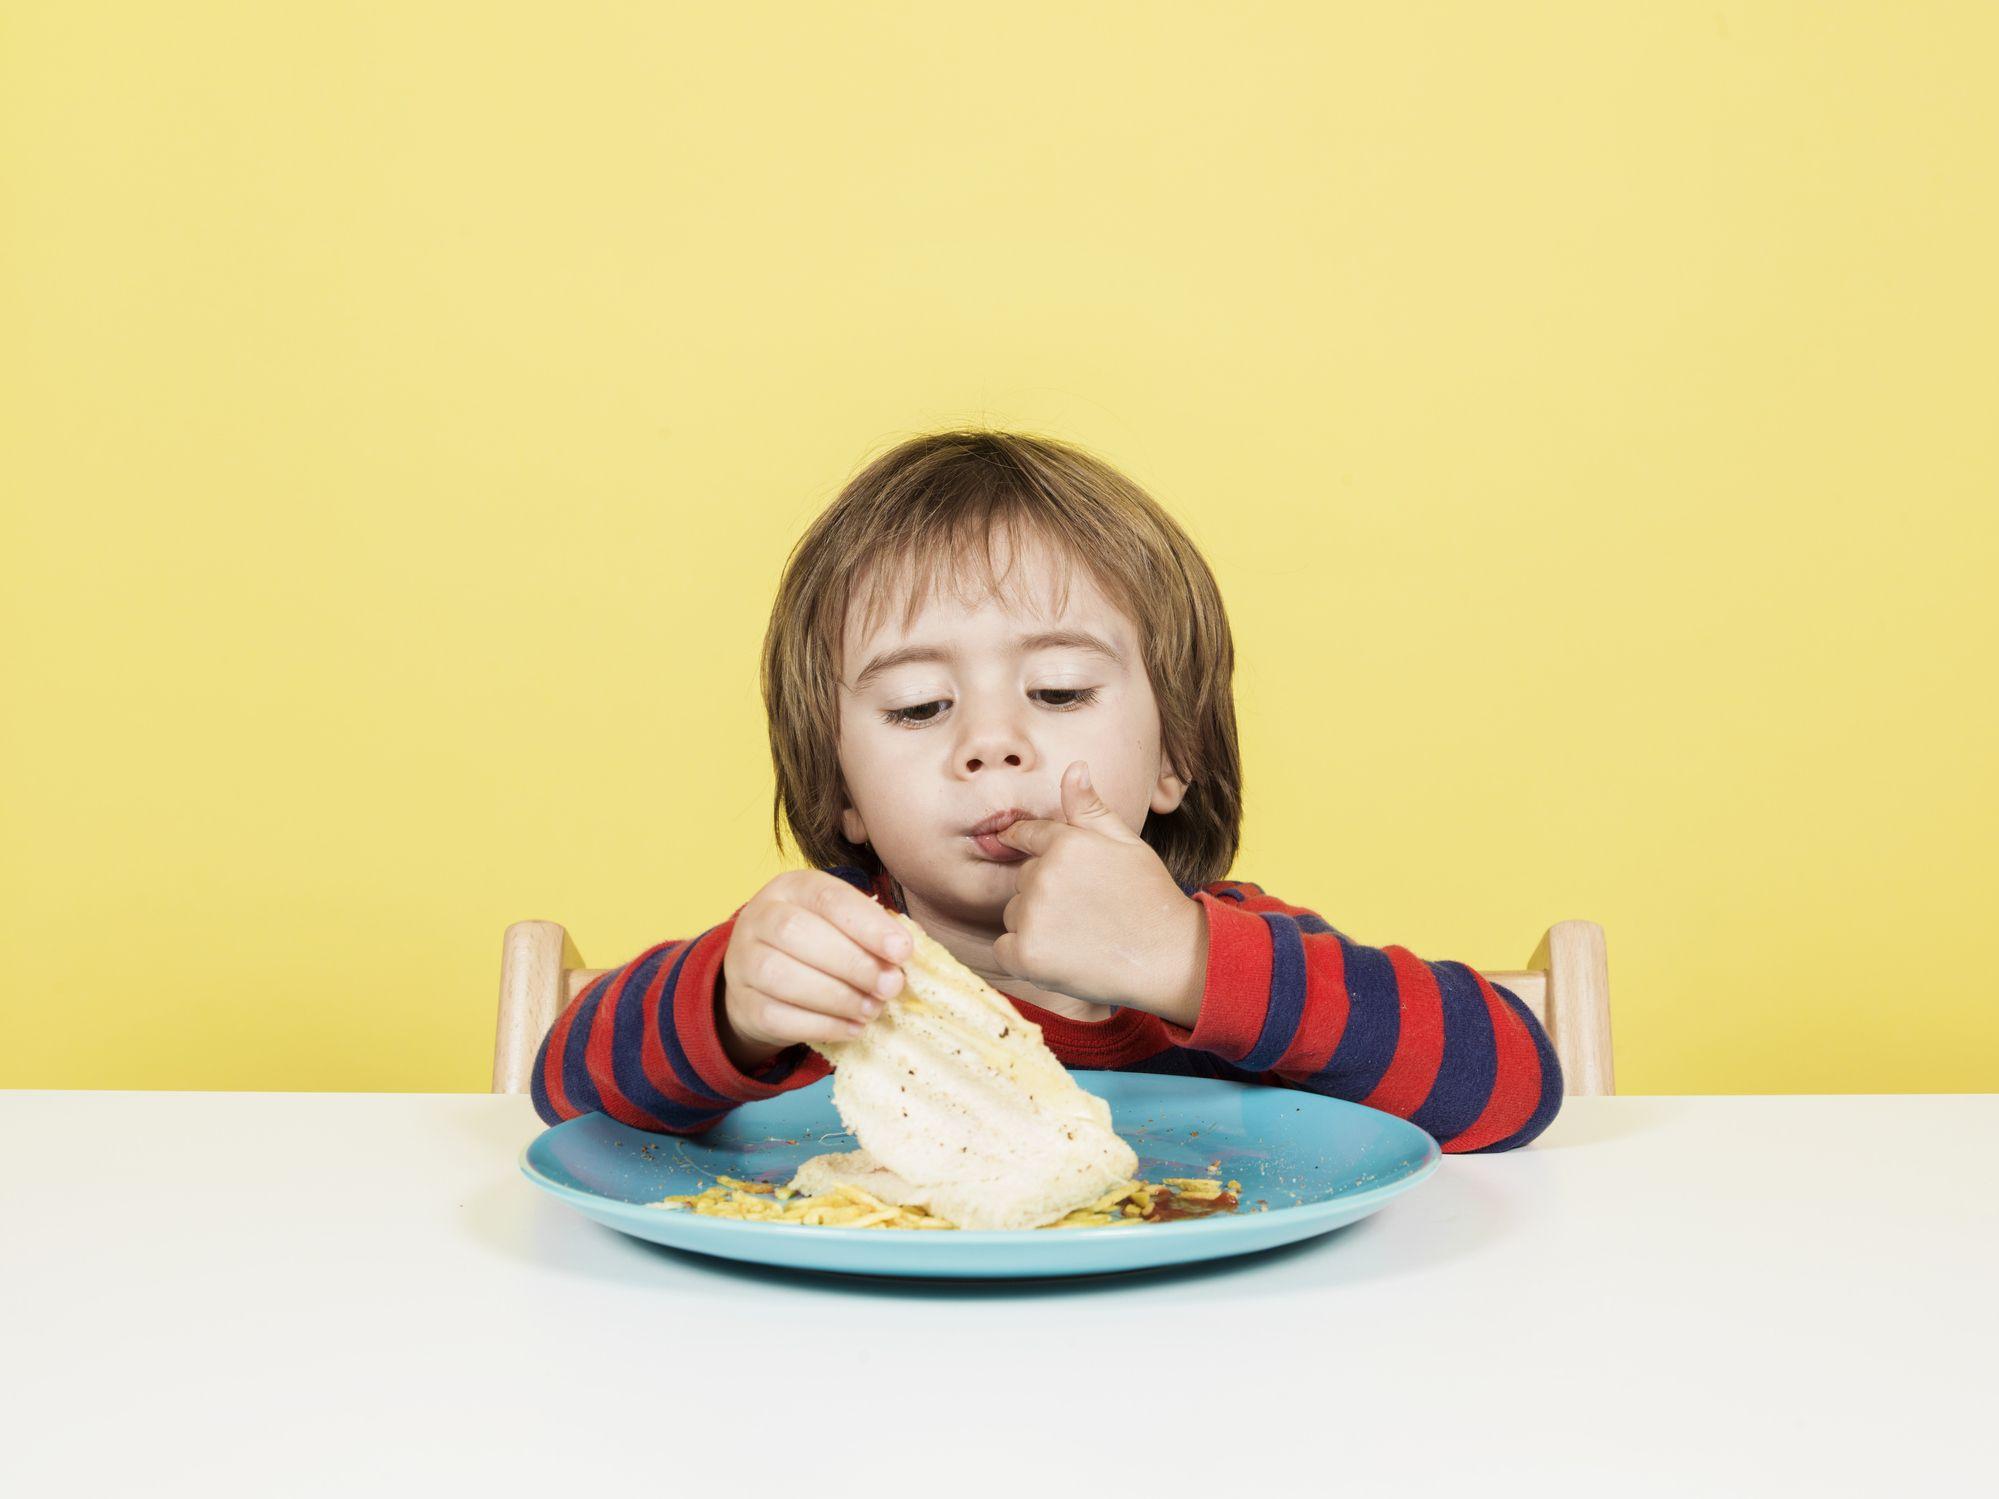 dieta cetosis azúcar morena